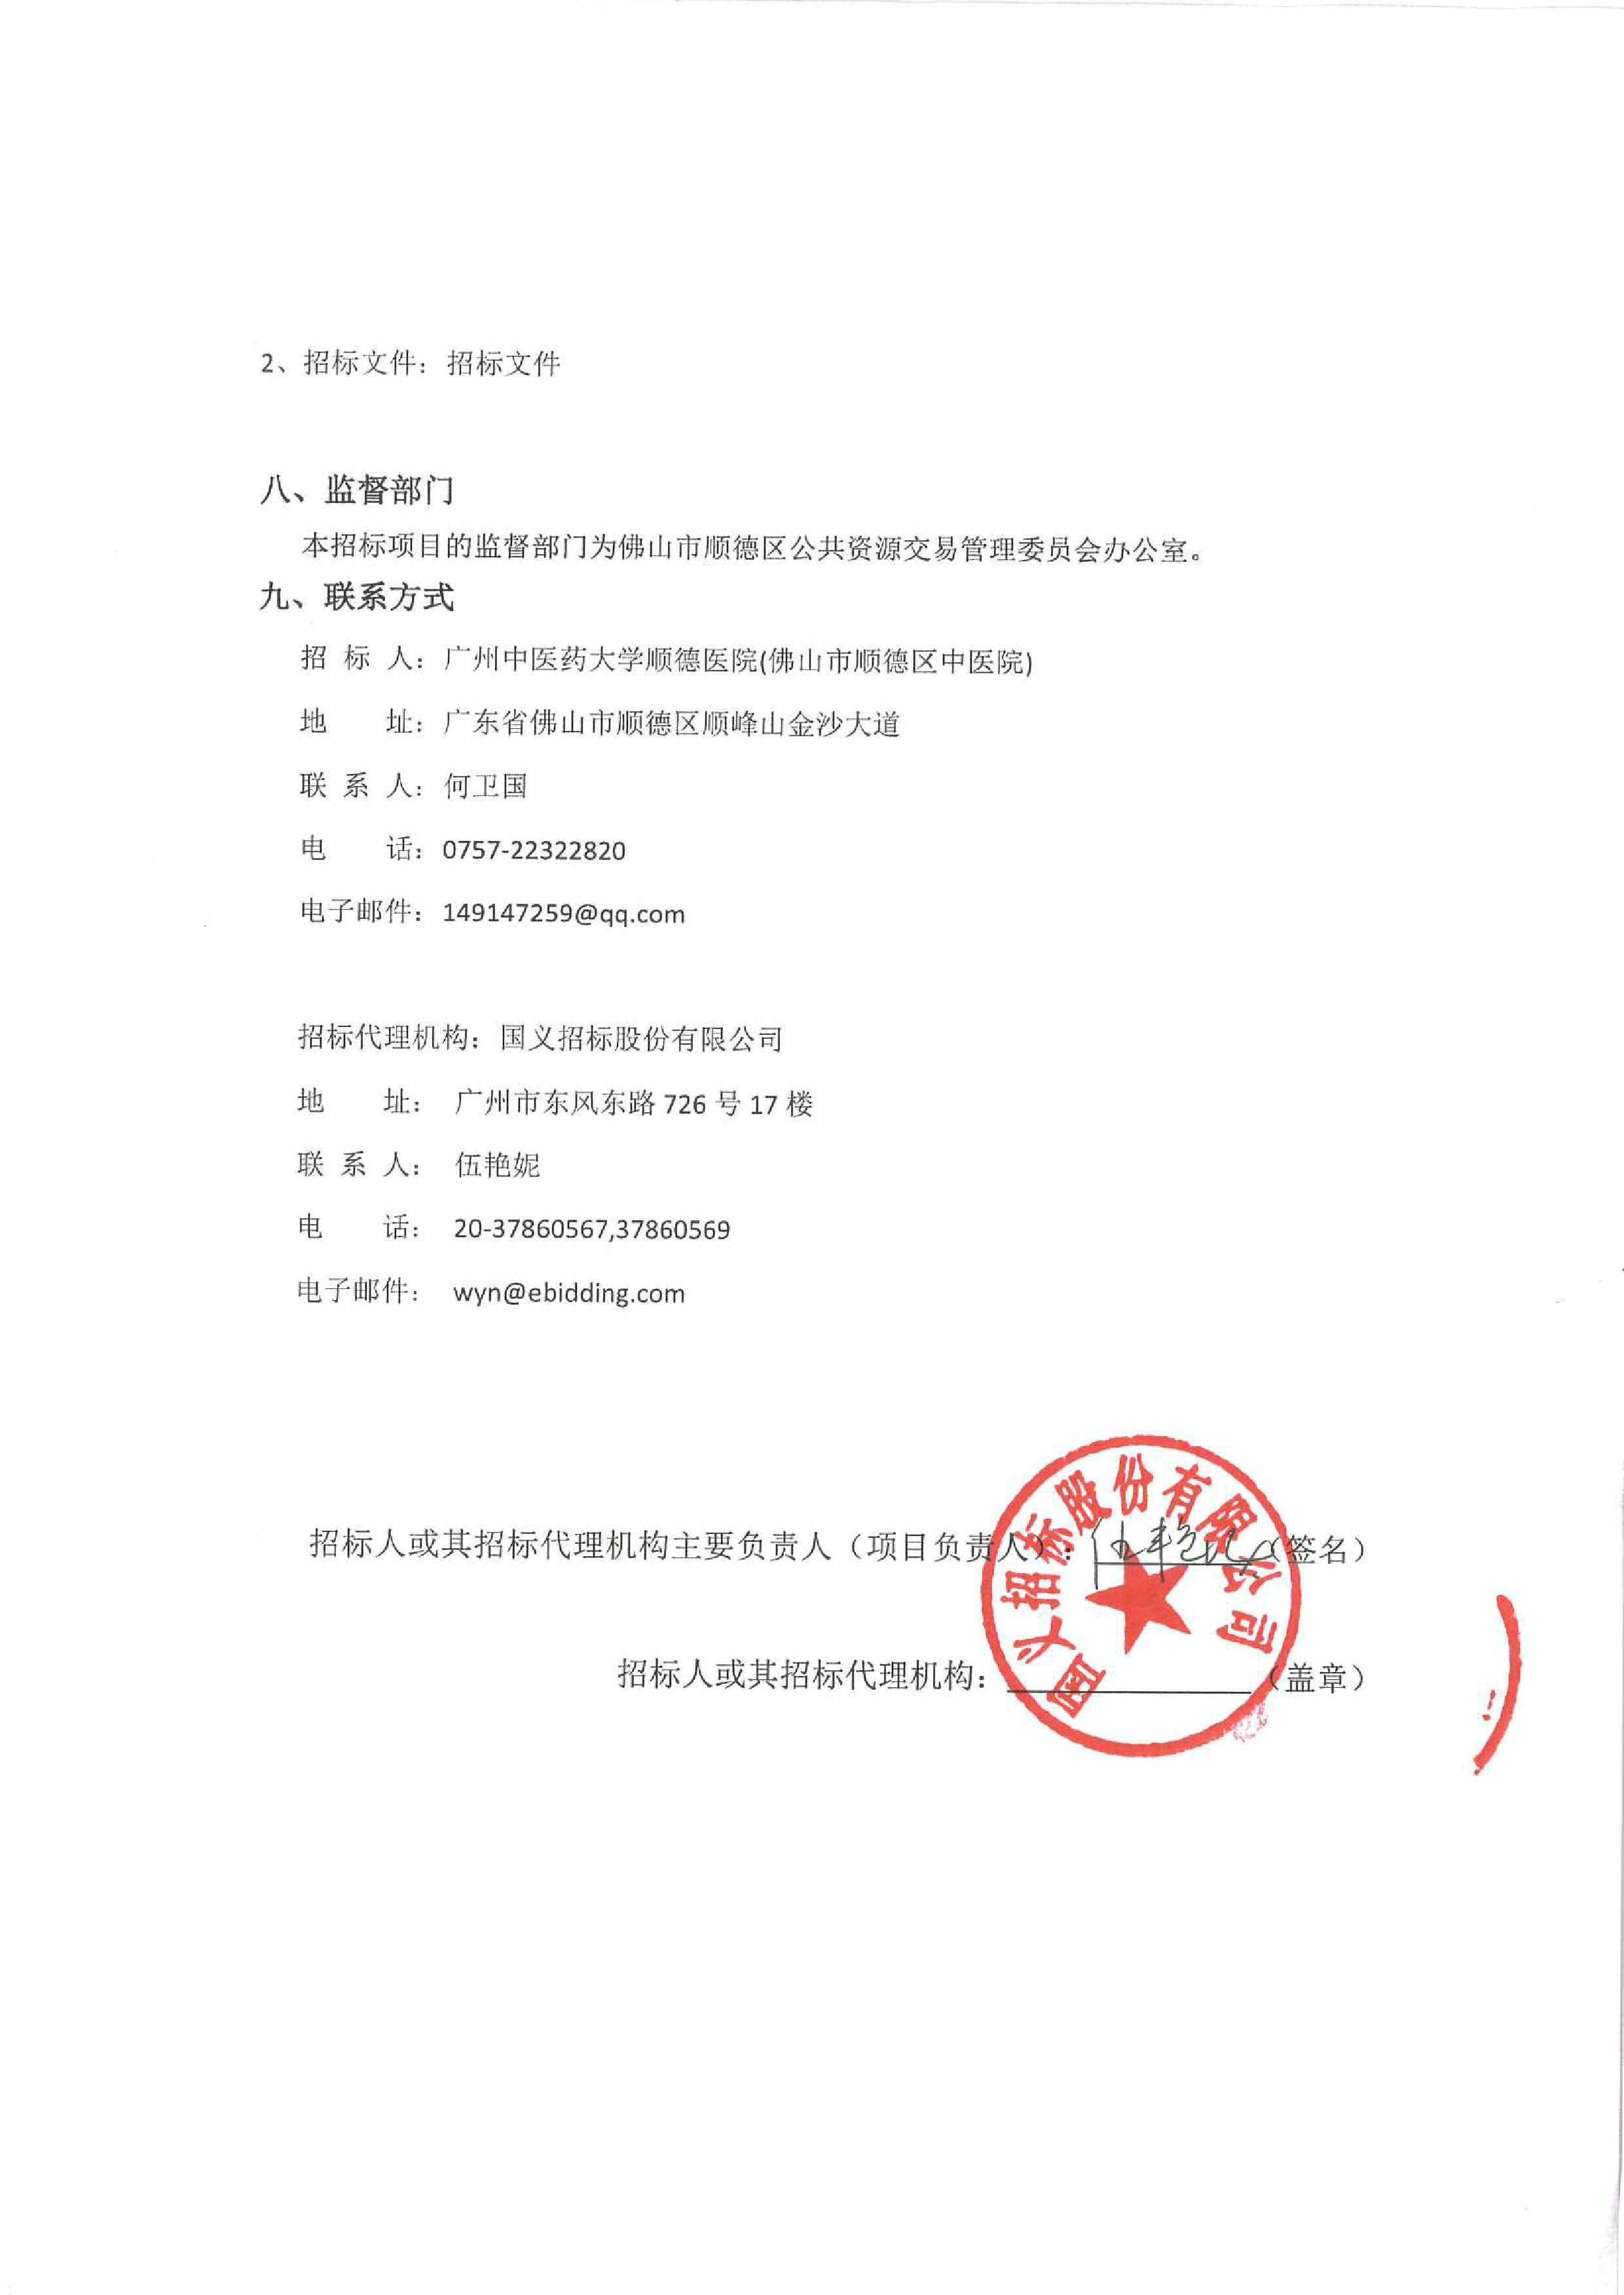 广州专业查人公司_广州专业清债公司_广州专业收债公司